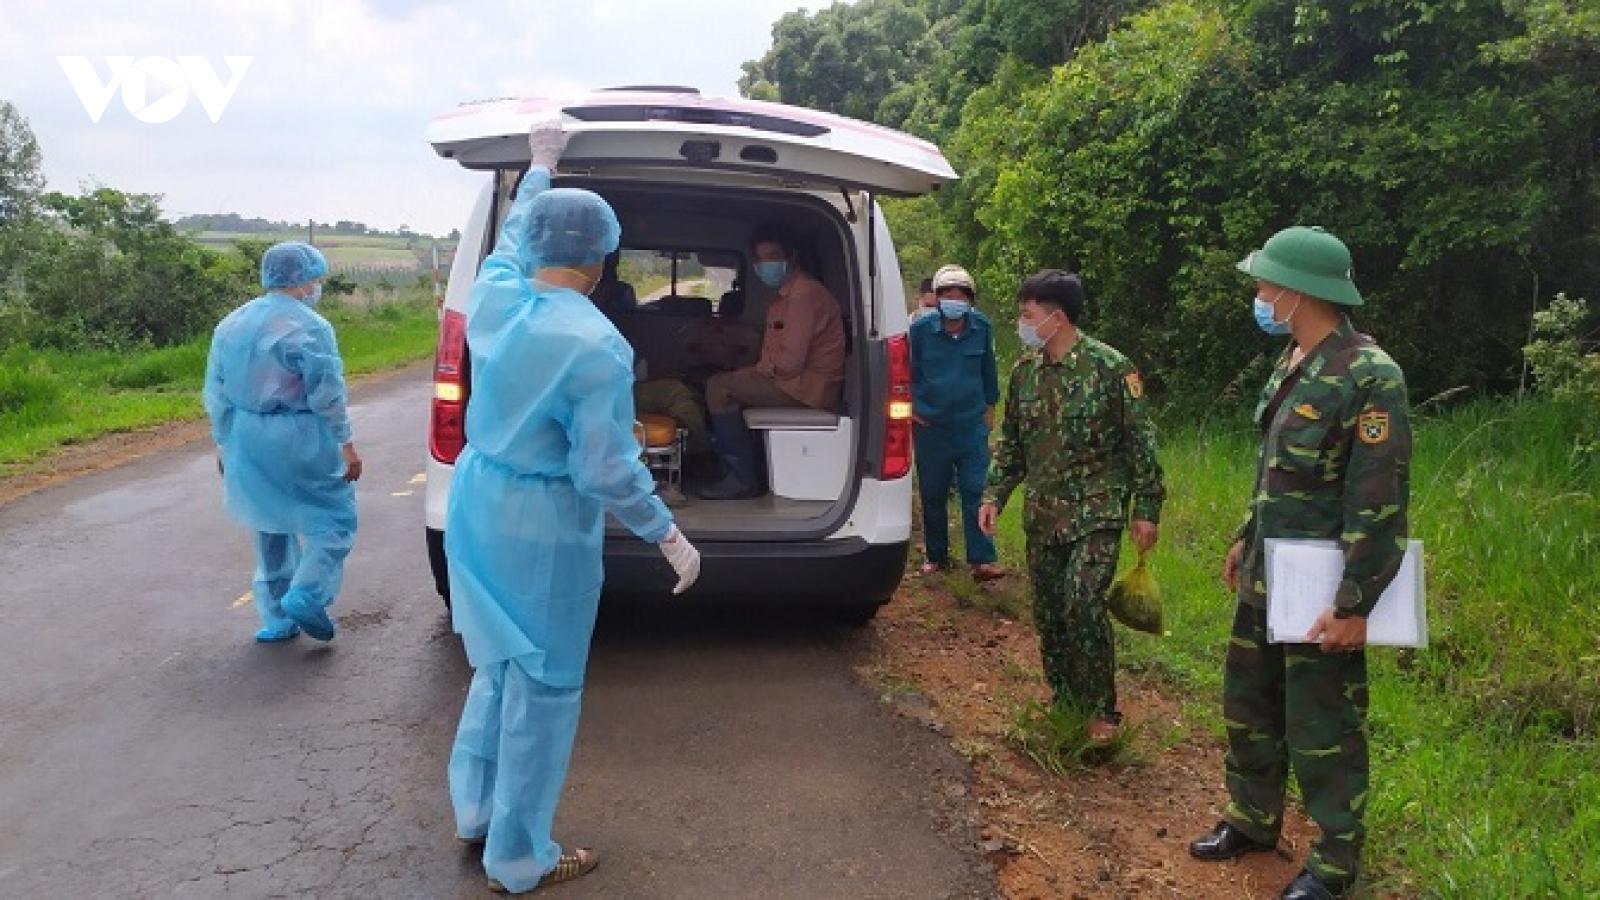 Đắk Nông bắt giữ 2 đối tượng vượt biên trái phép qua biên giới Việt Nam - Campuchia